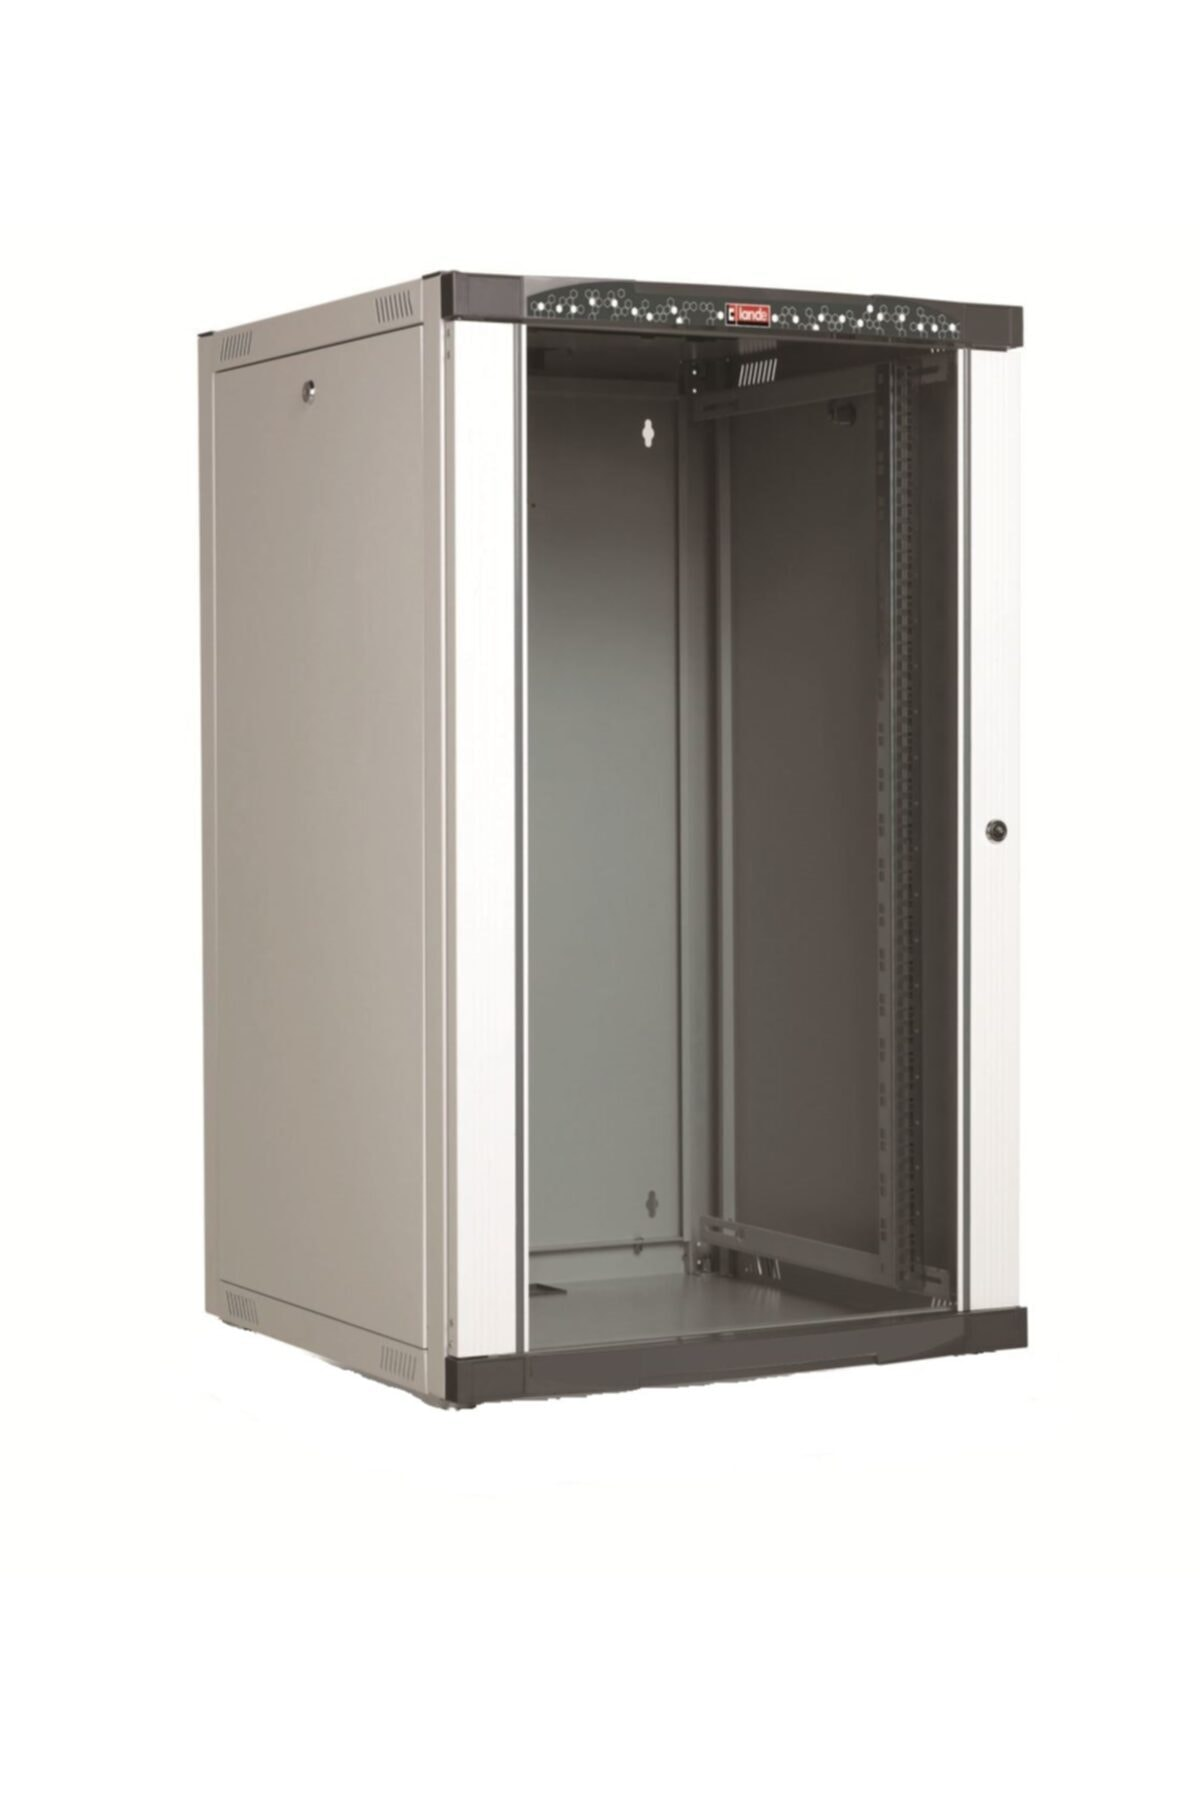 NETbox Serisi 16U 600x600 19'' Duvar Tipi Kabinet